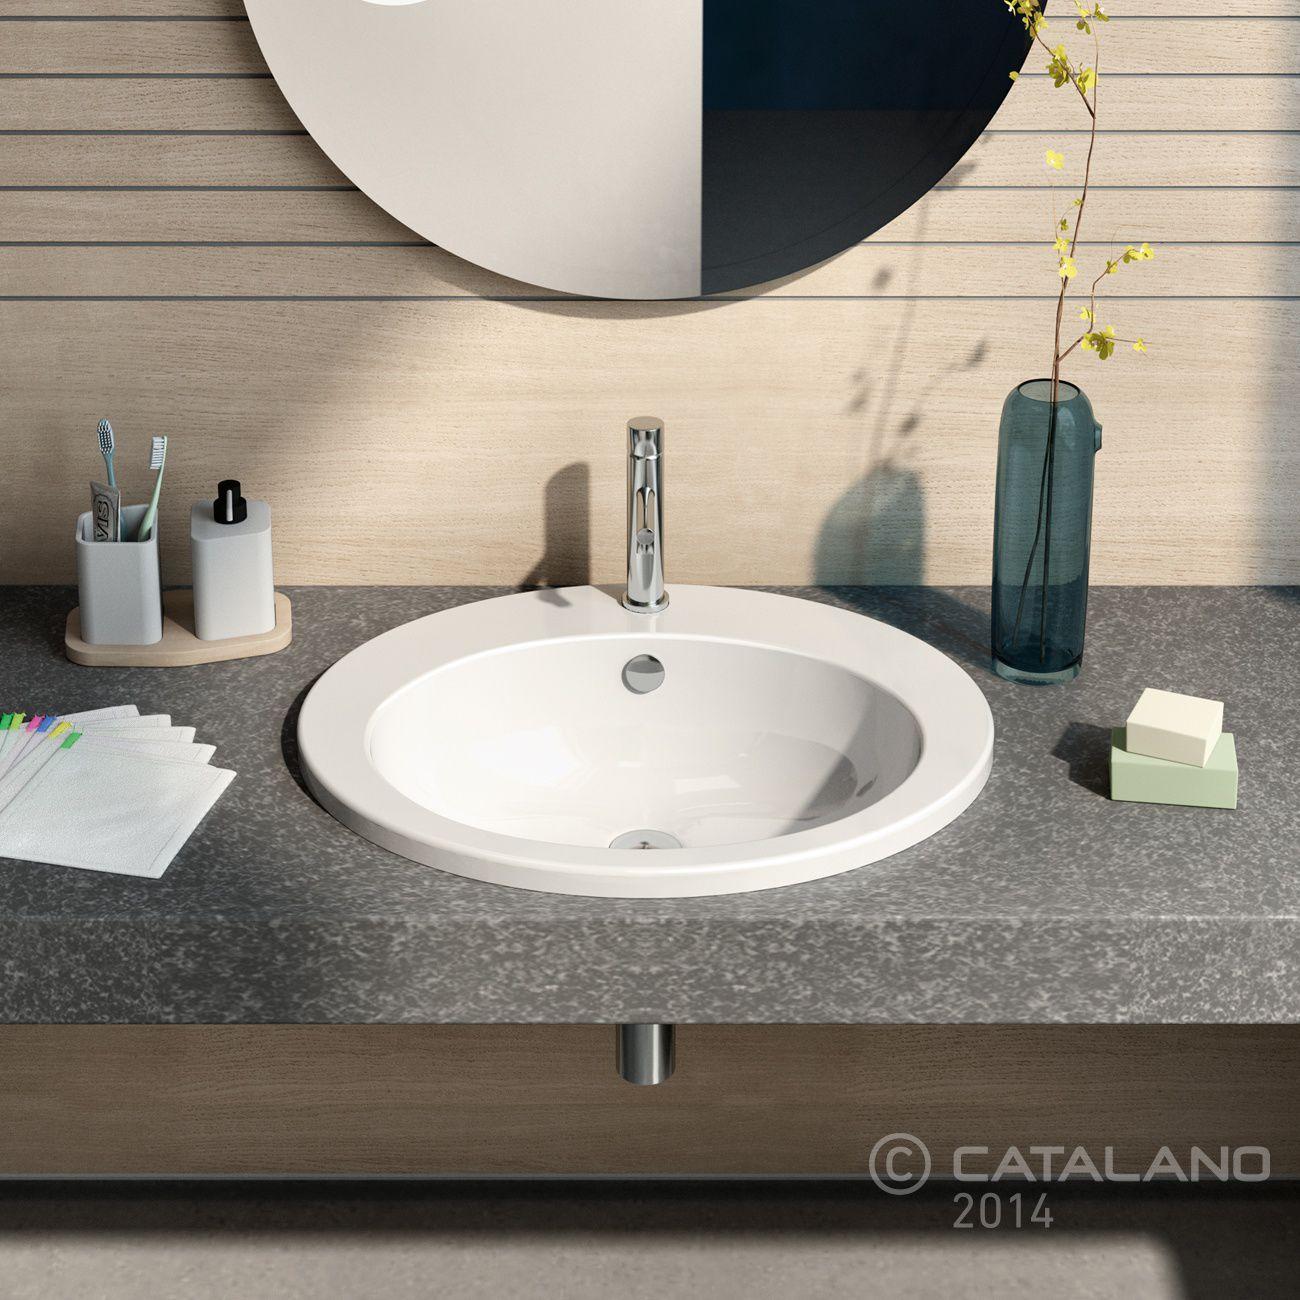 Einbauwaschbecken Oval Keramik Modern 61 Catalano